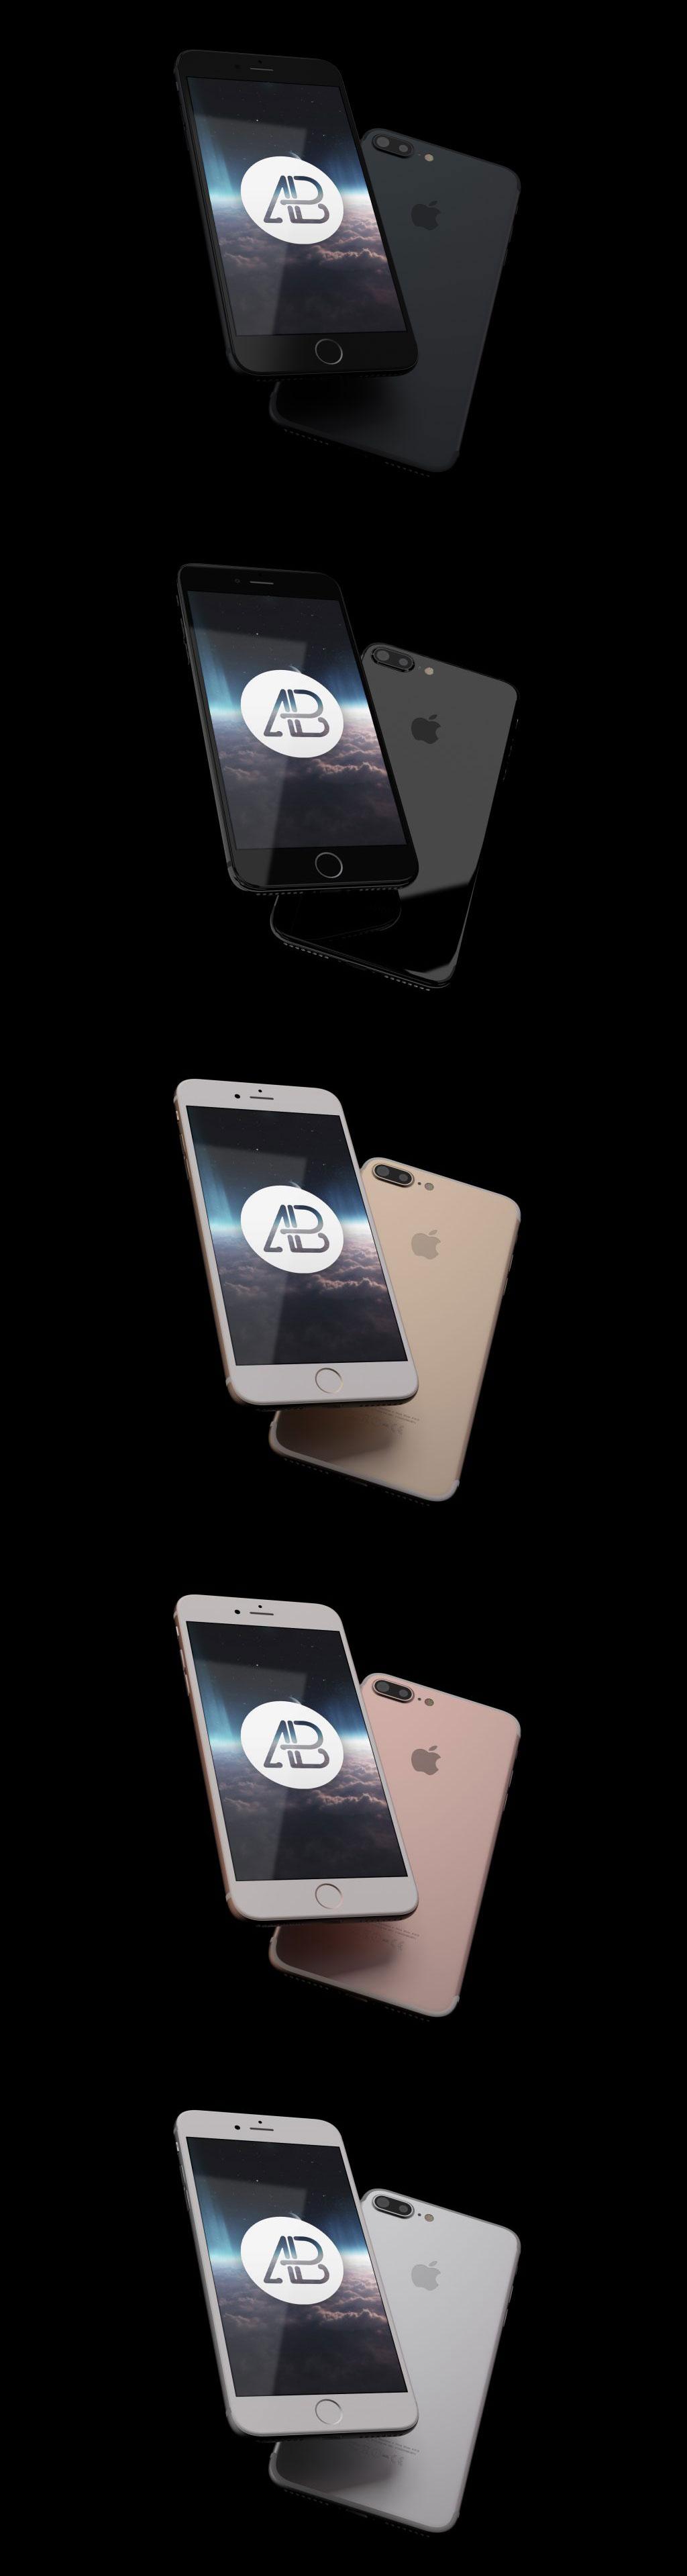 酷炫的iPhone7 Plus全色套装展示模型Mockups免费下载[PSD]